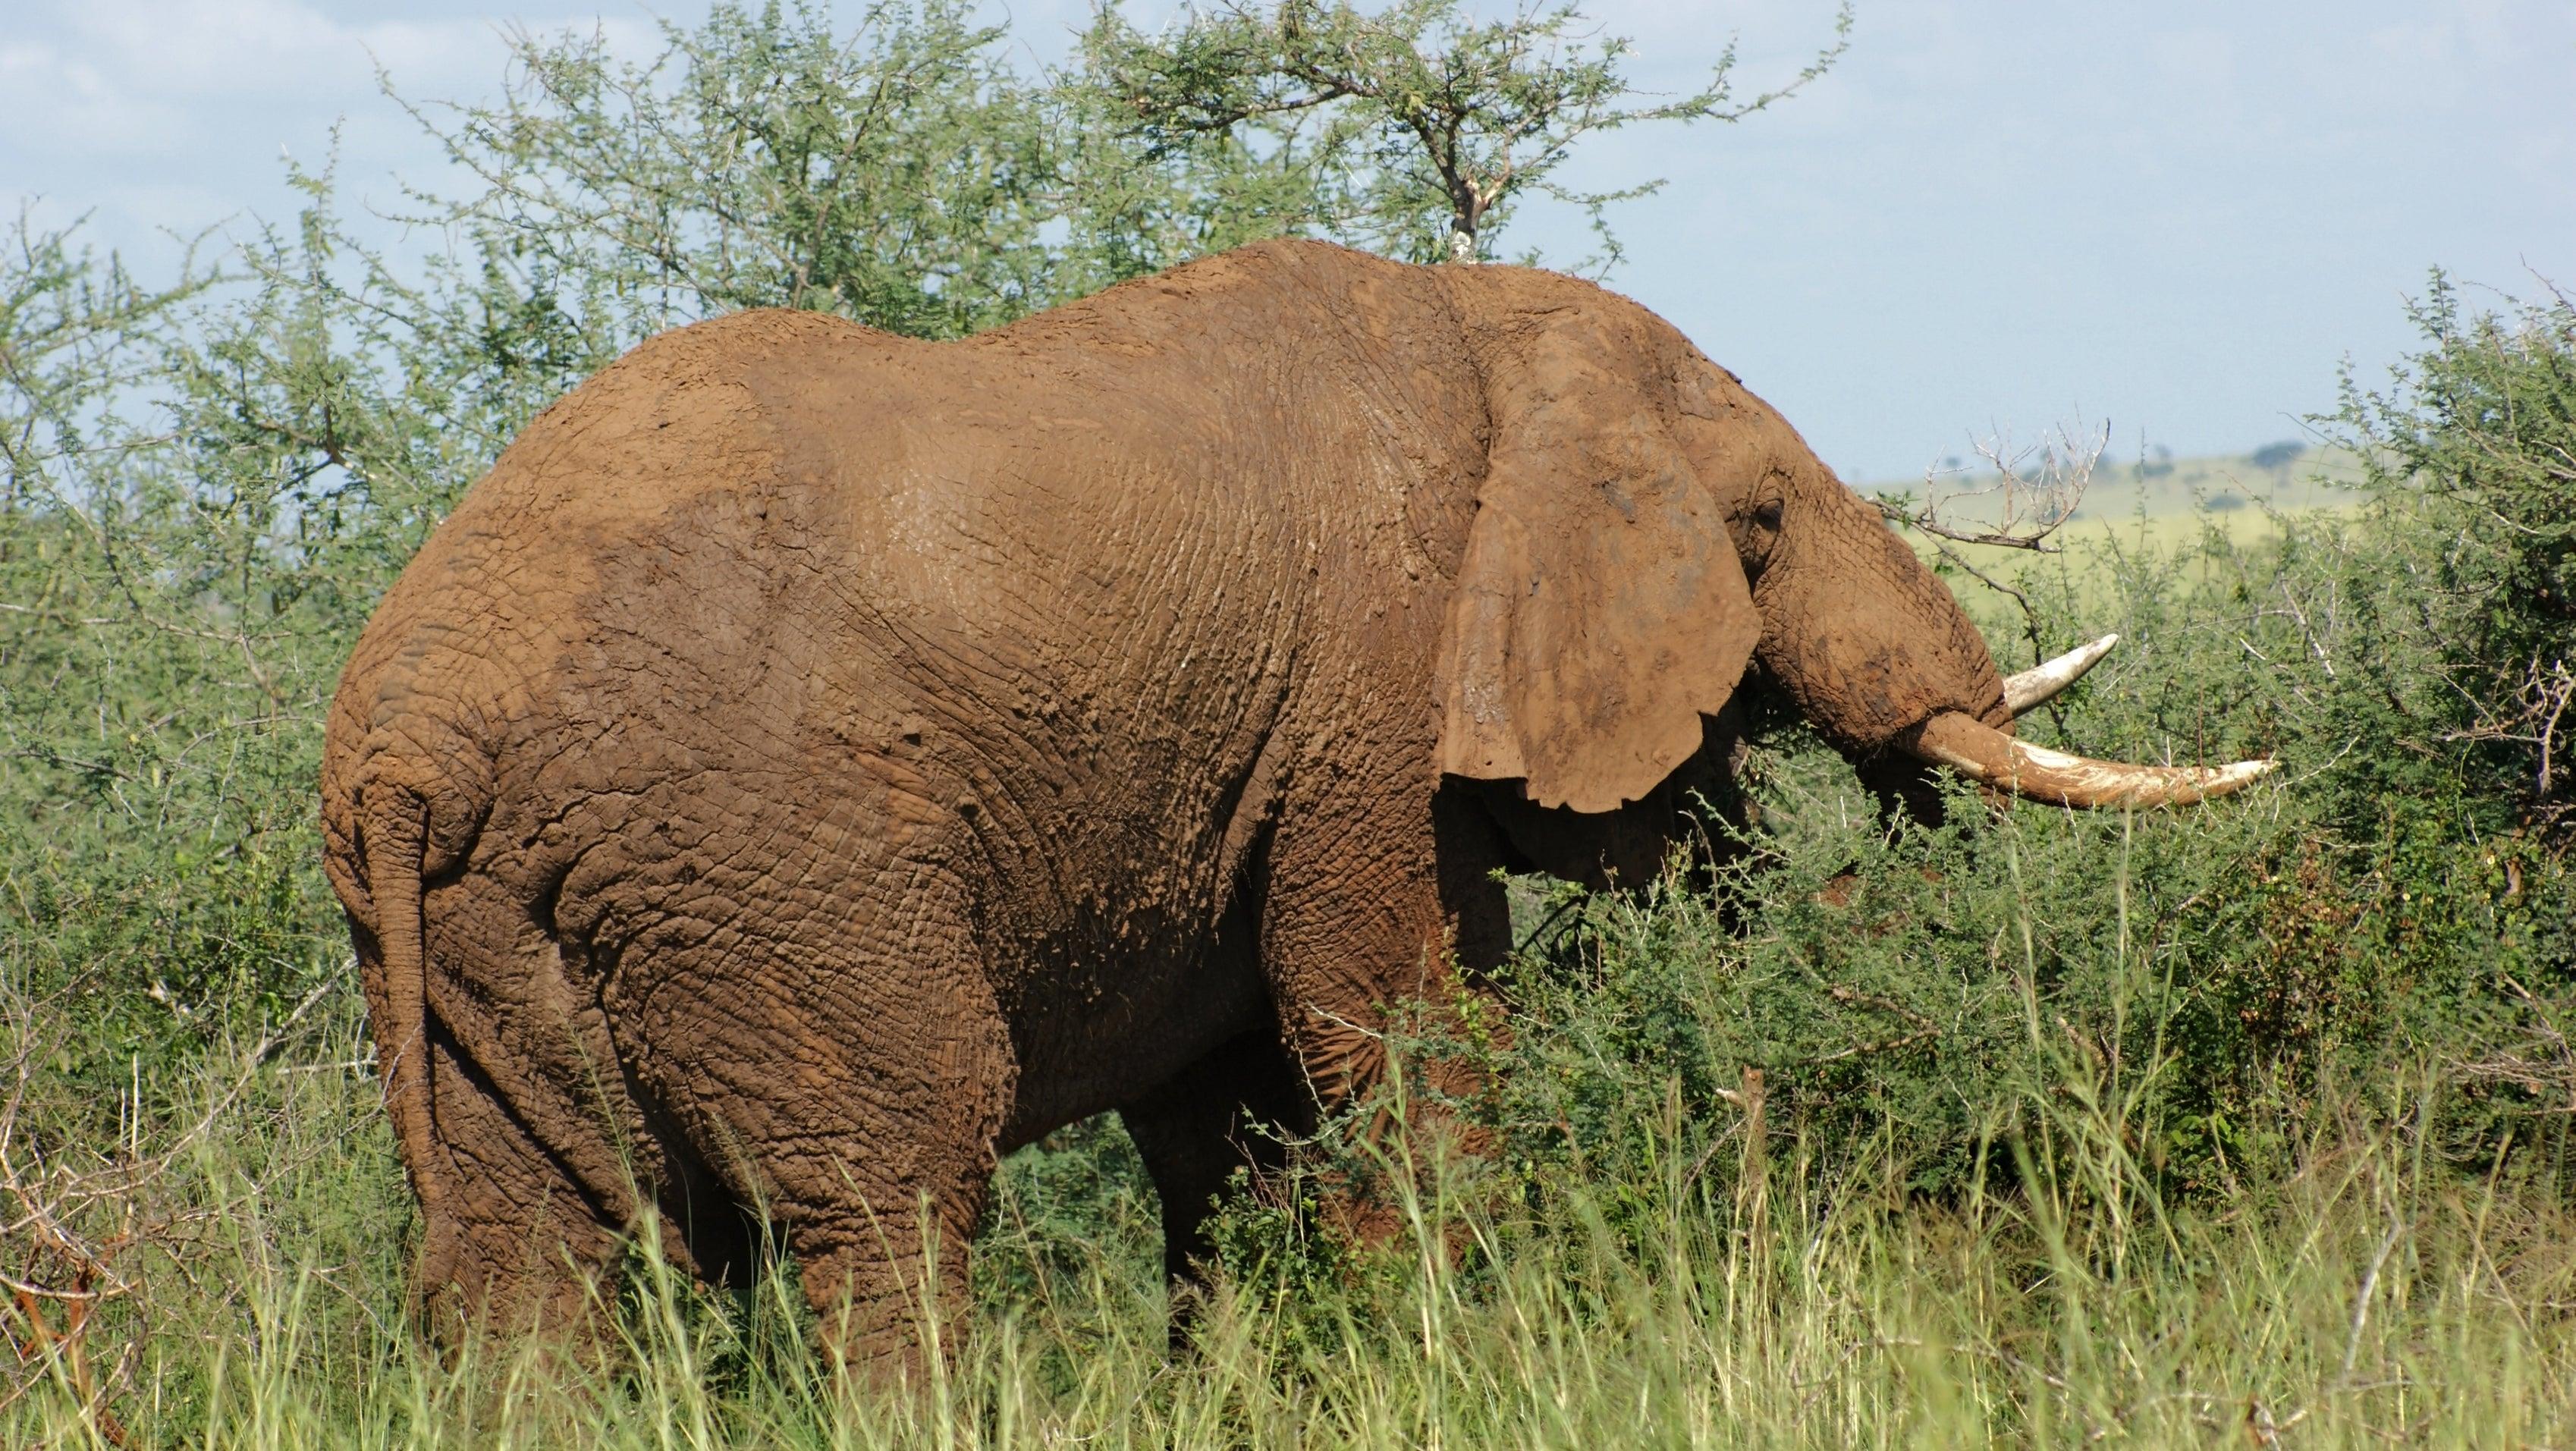 Elefantenbulle attackiert deutschen Urlauber in Simbabwe und verletzt ihn schwer